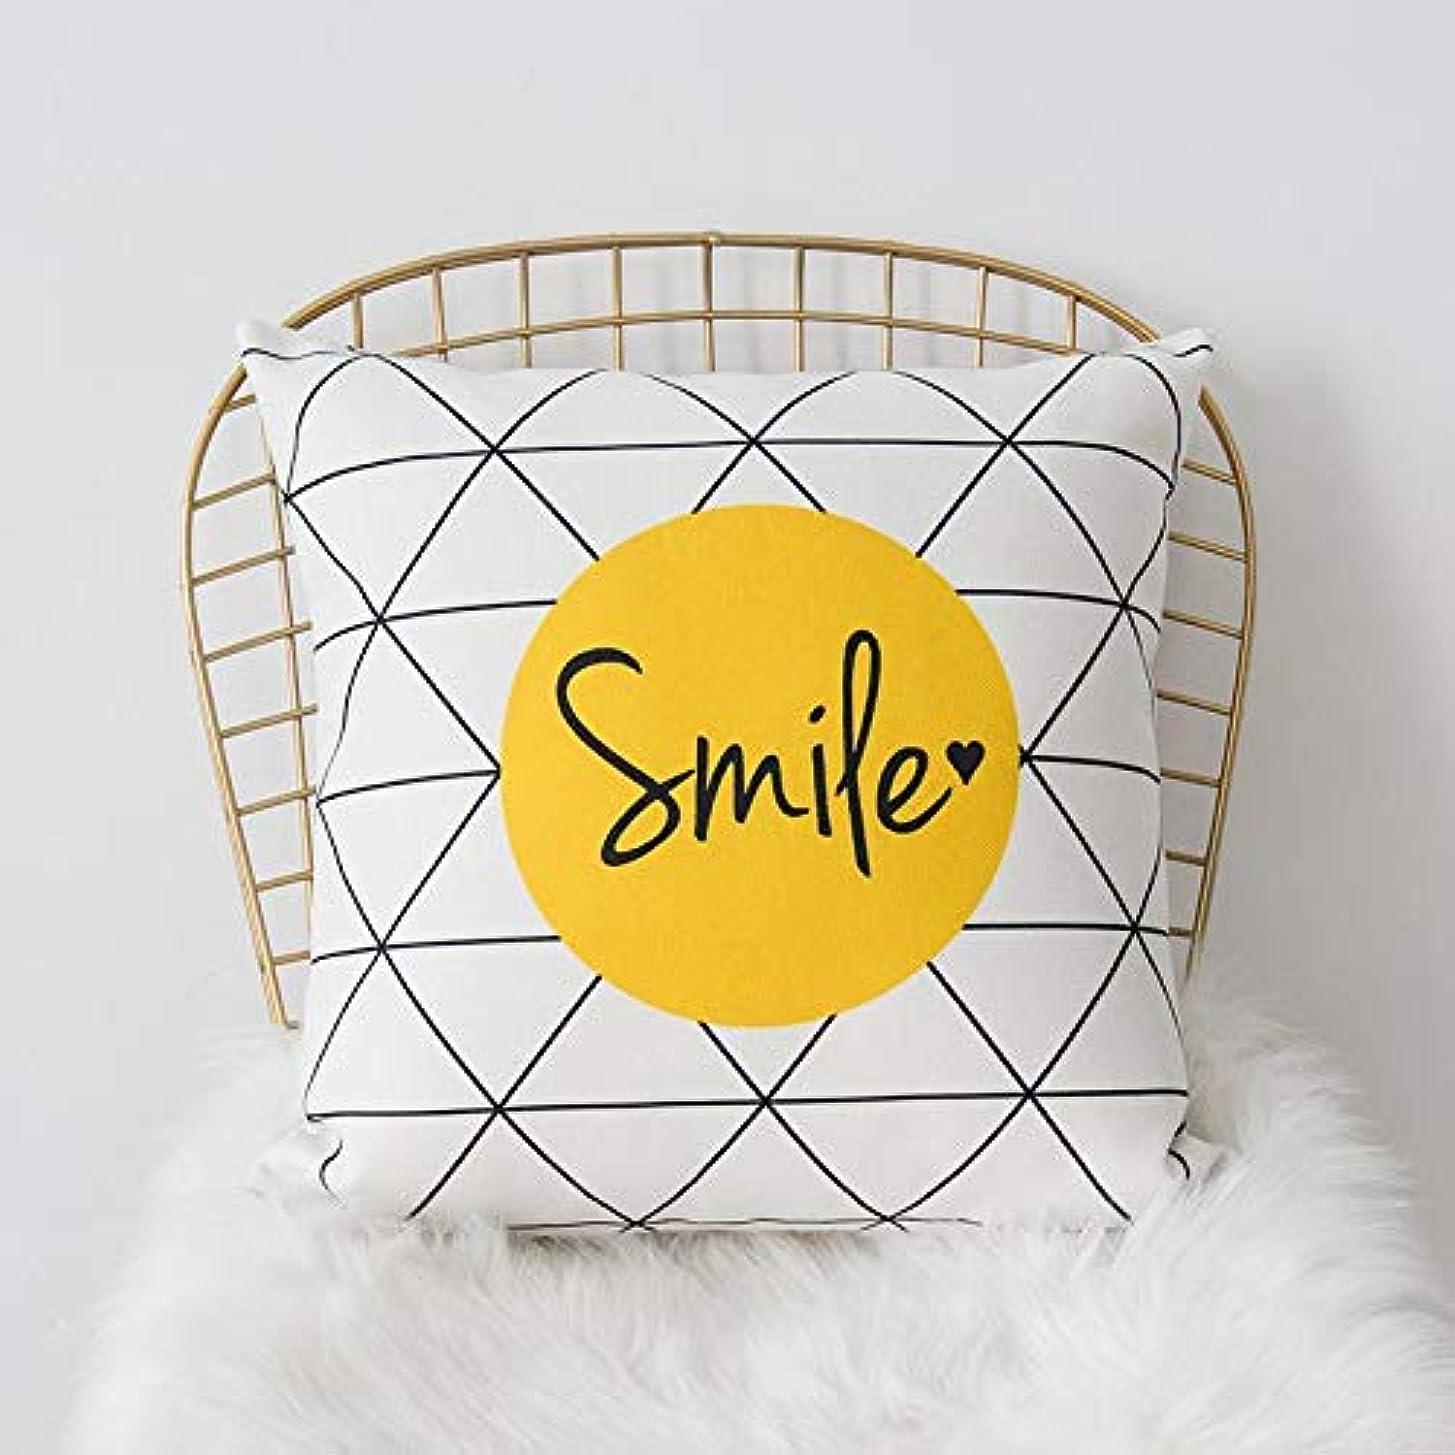 フォーク対処する窒息させるLIFE 黄色グレー枕北欧スタイル黄色ヘラジカ幾何枕リビングルームのインテリアソファクッション Cojines 装飾良質 クッション 椅子